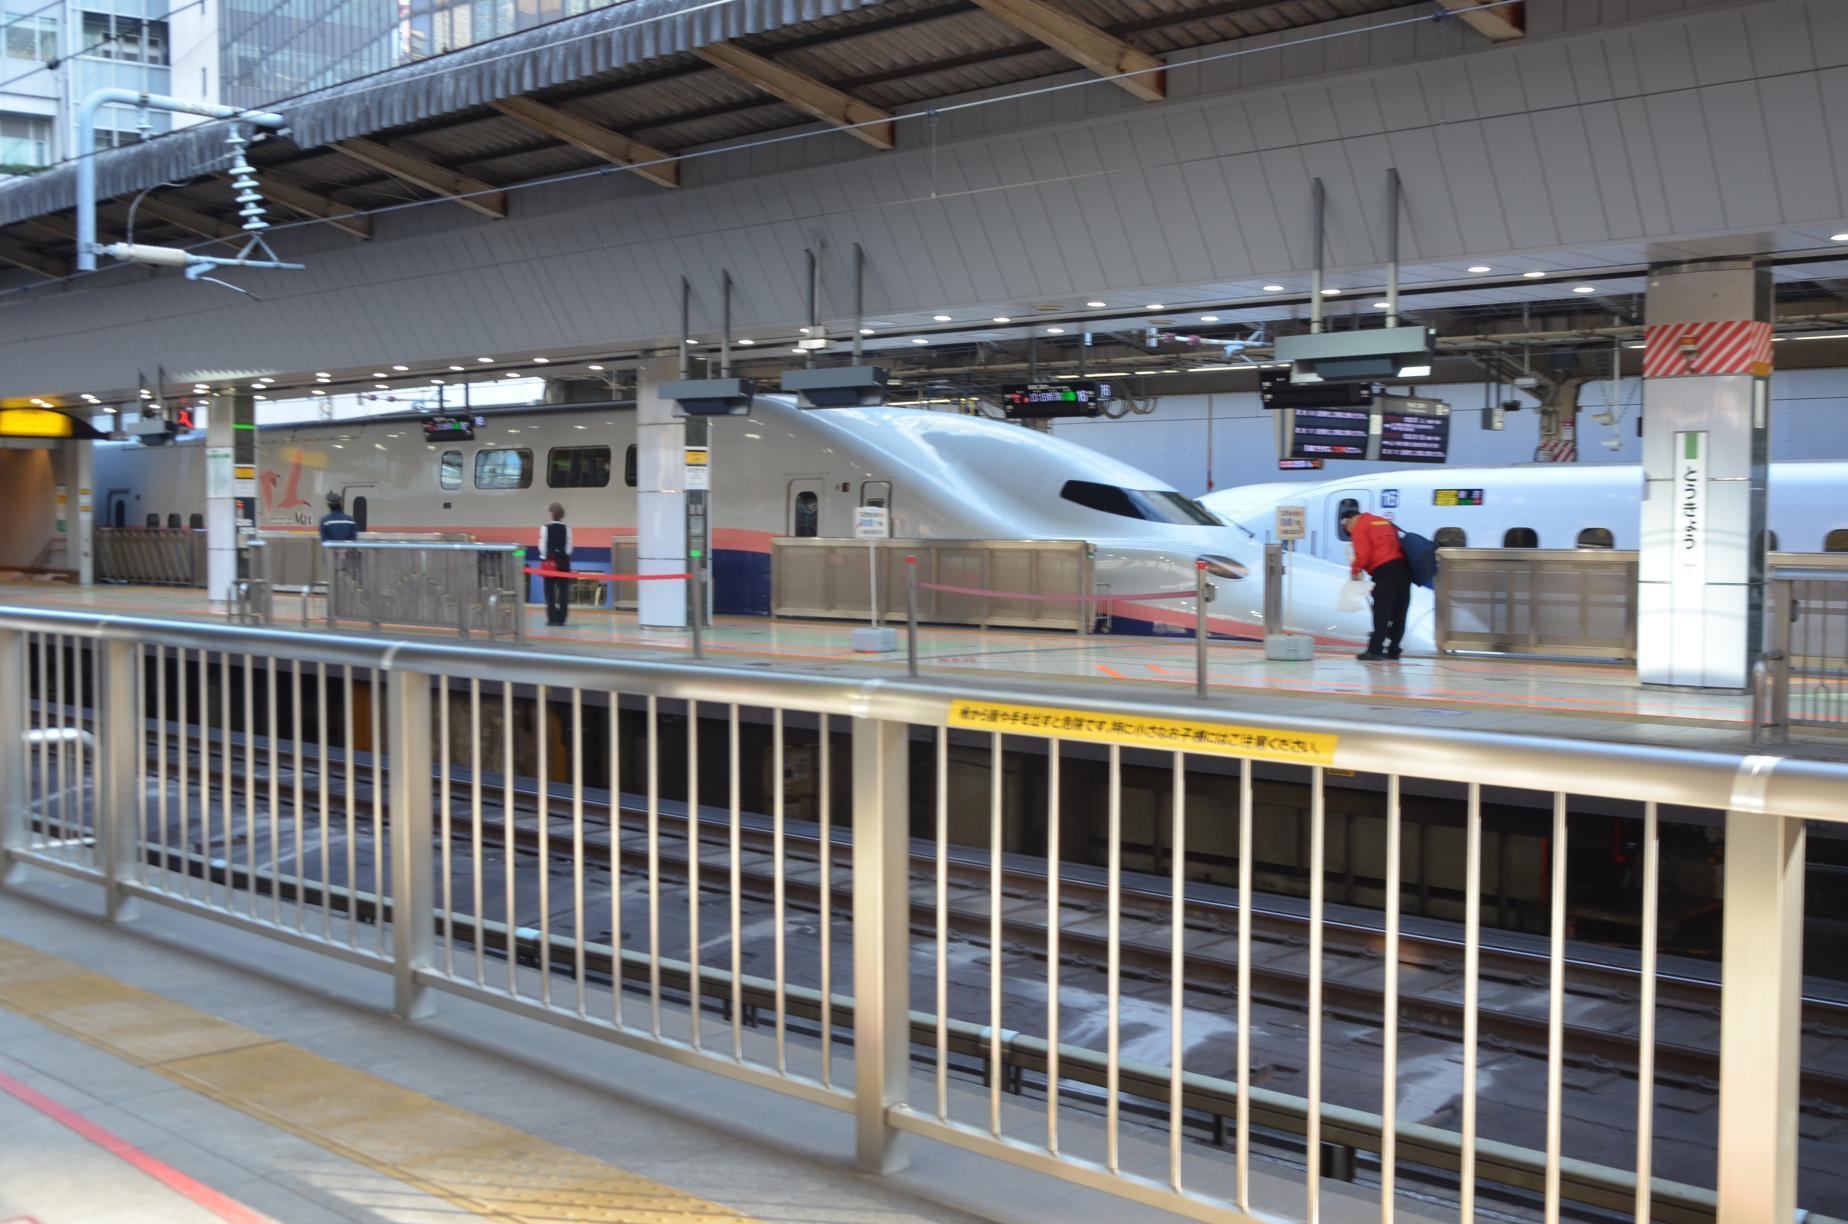 喫煙 新幹線 所 東京 駅 ホーム